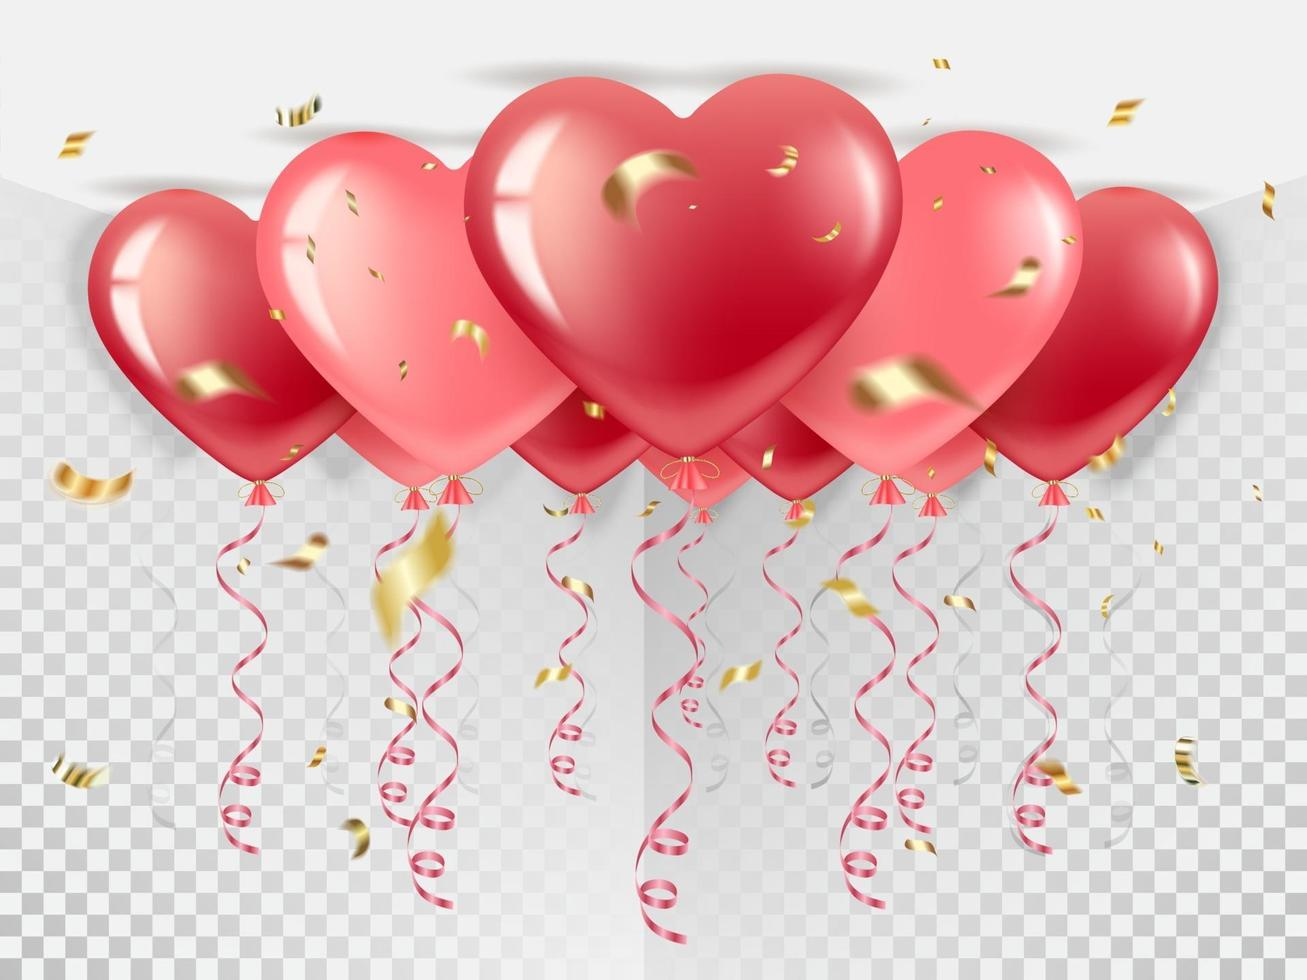 ballons en forme de coeur au plafond vecteur